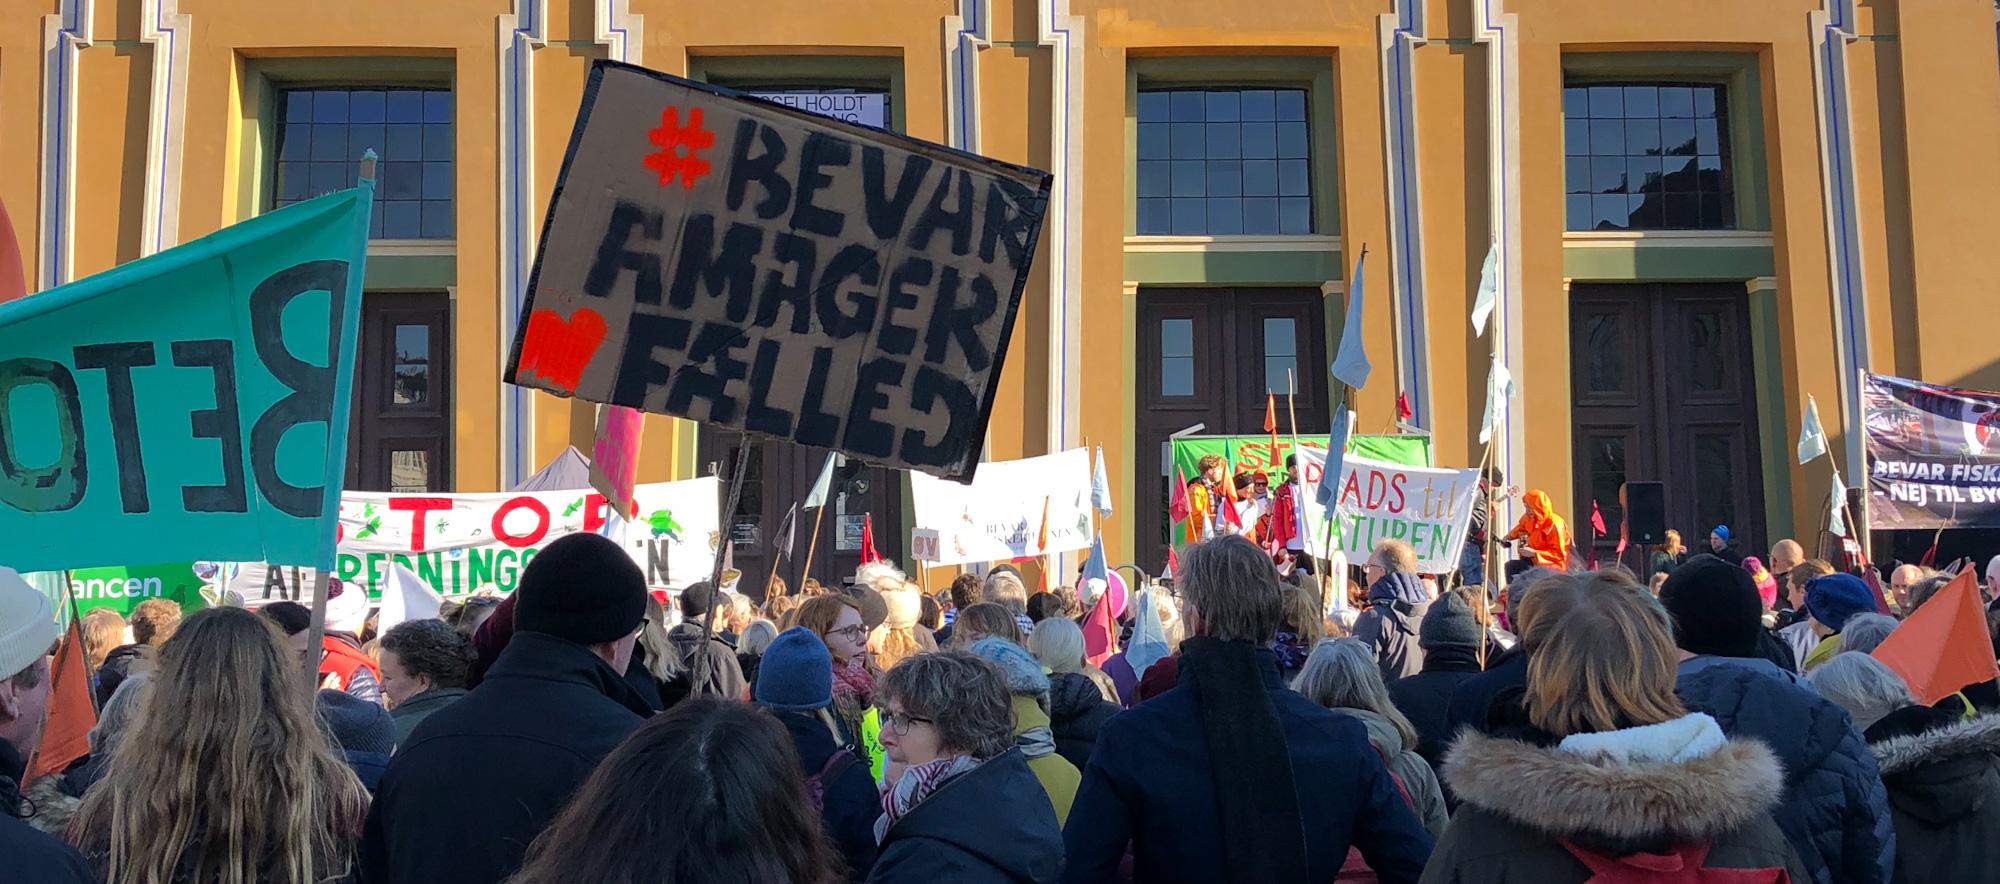 Københavnere protesterer mod angreb på fredninger